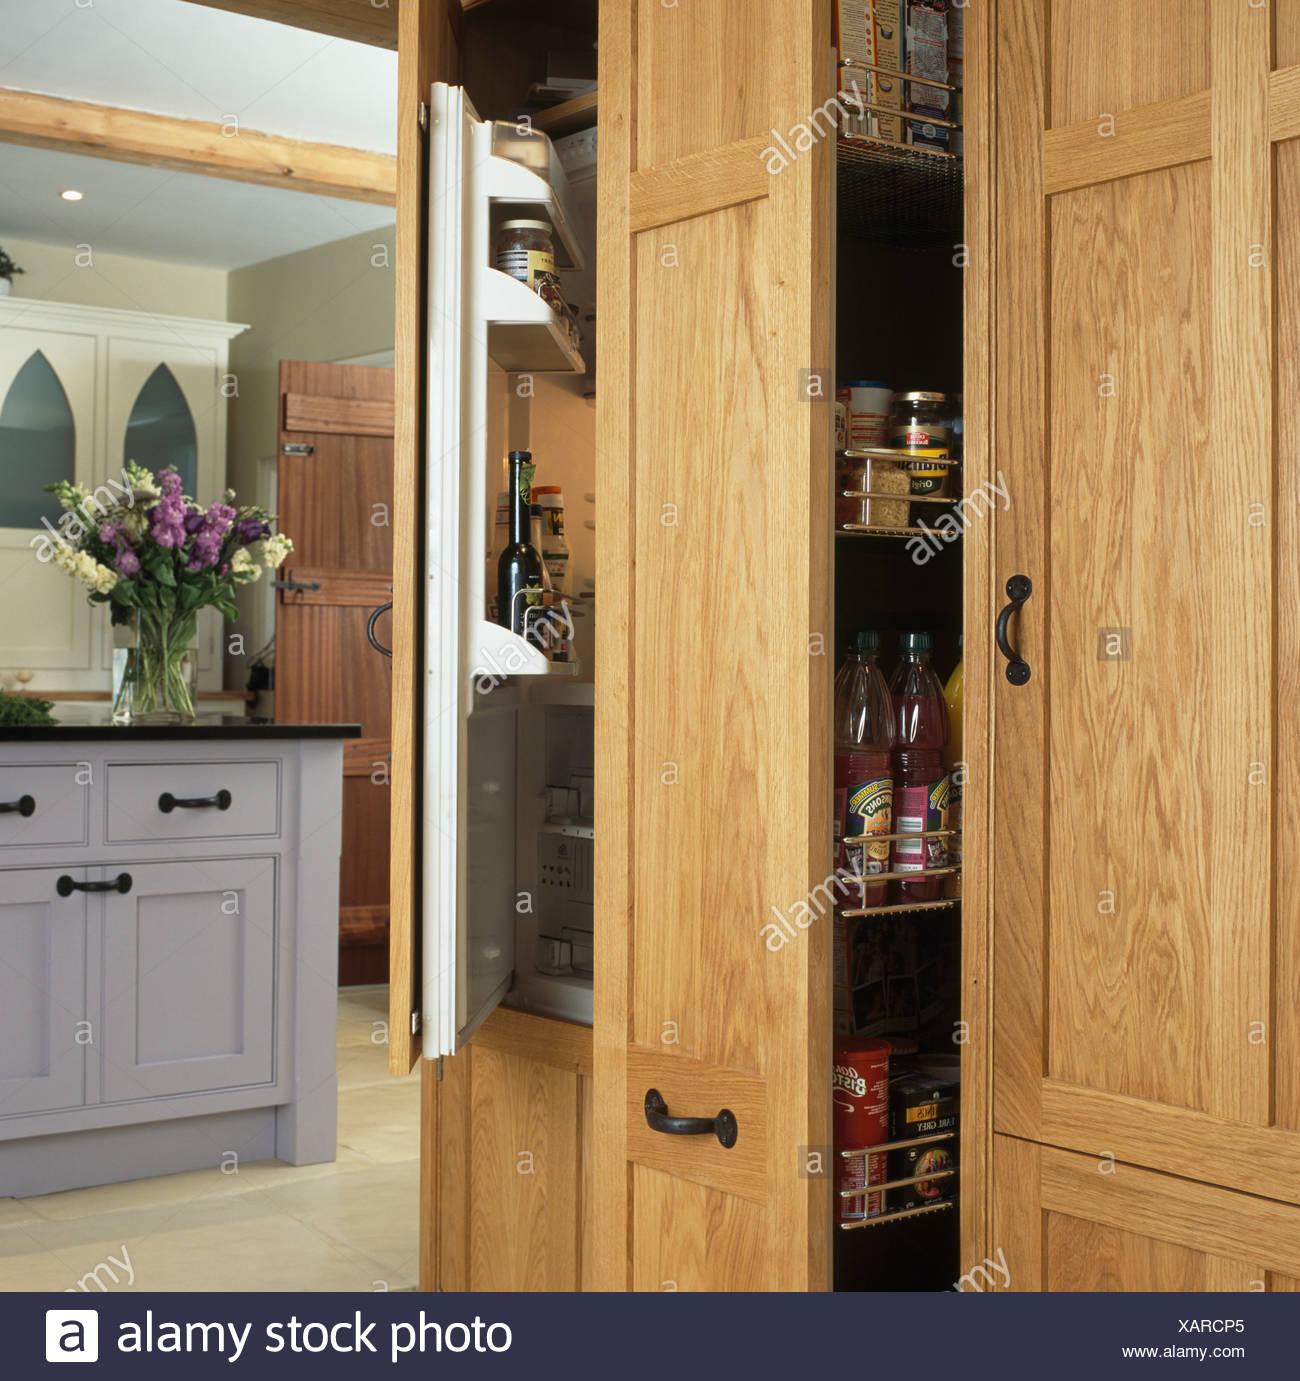 Vorratsschrank Schrank neben Kühlschrank mit halb offenen Tür in ...